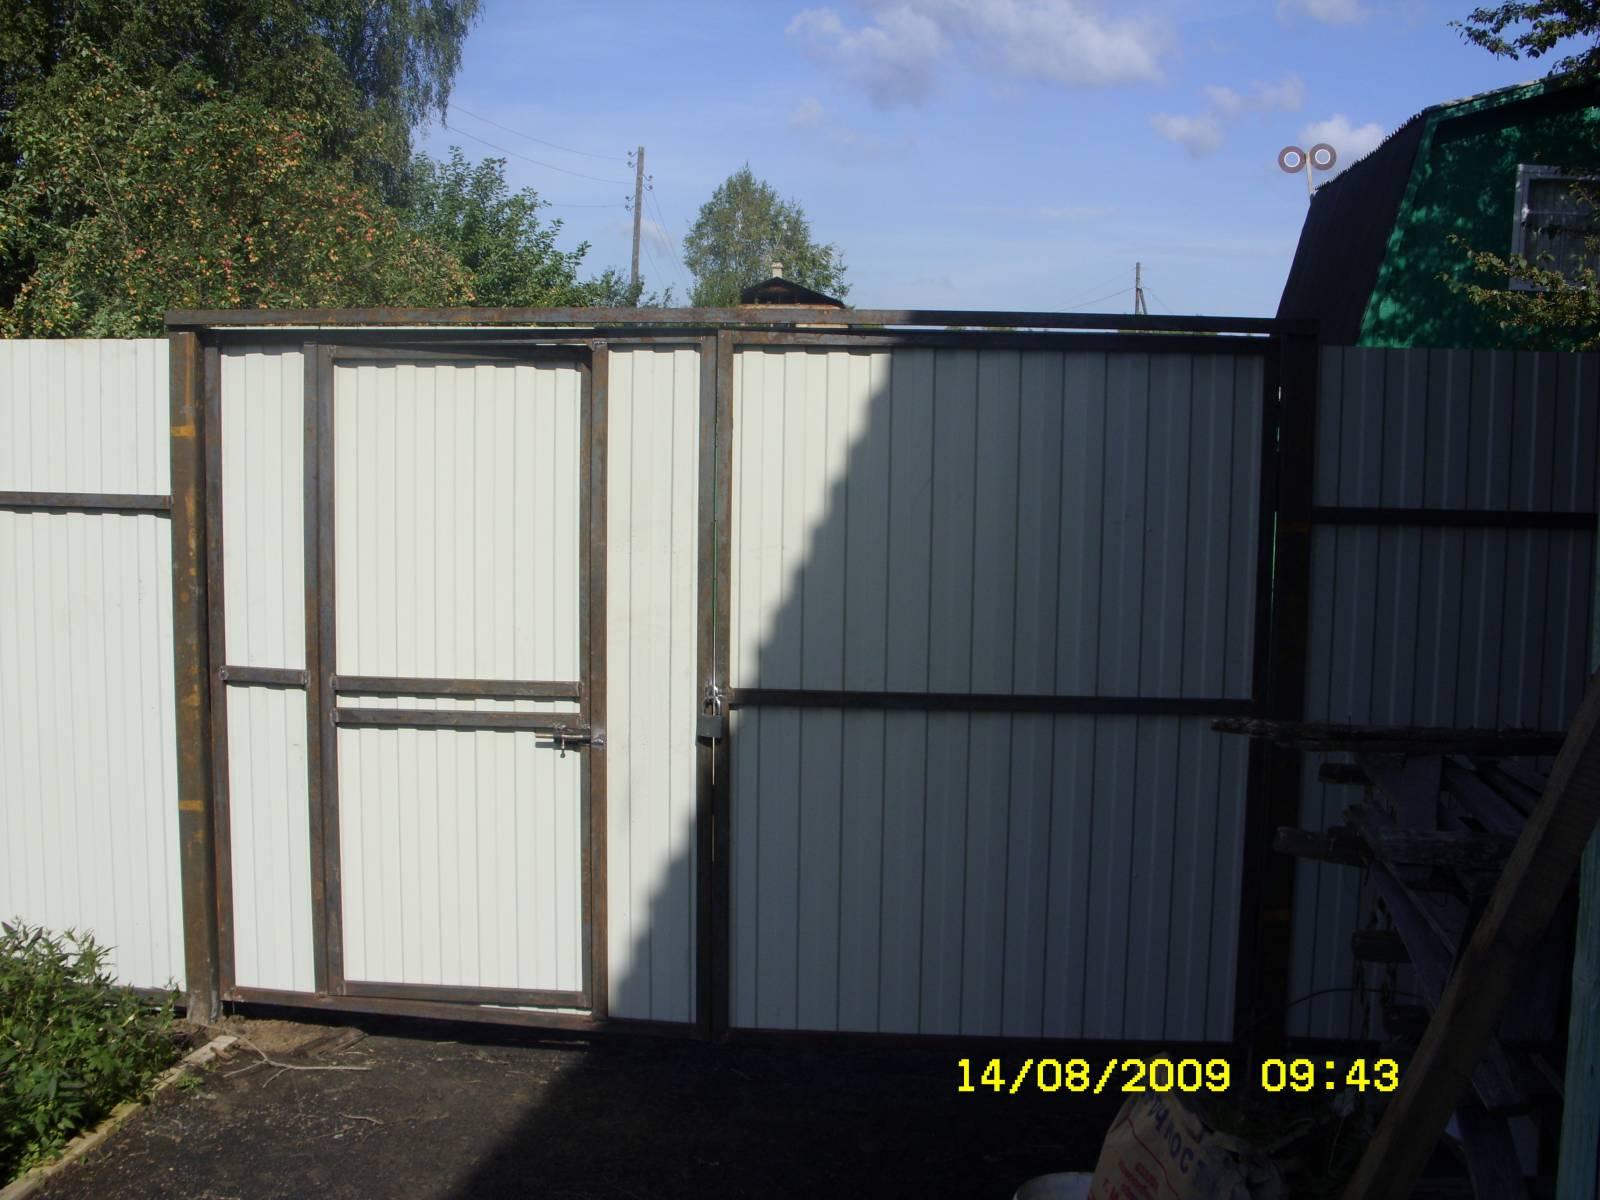 Купить ворота с калиткой для дачи из профнастила направляющий рельс для сдвижных ворот